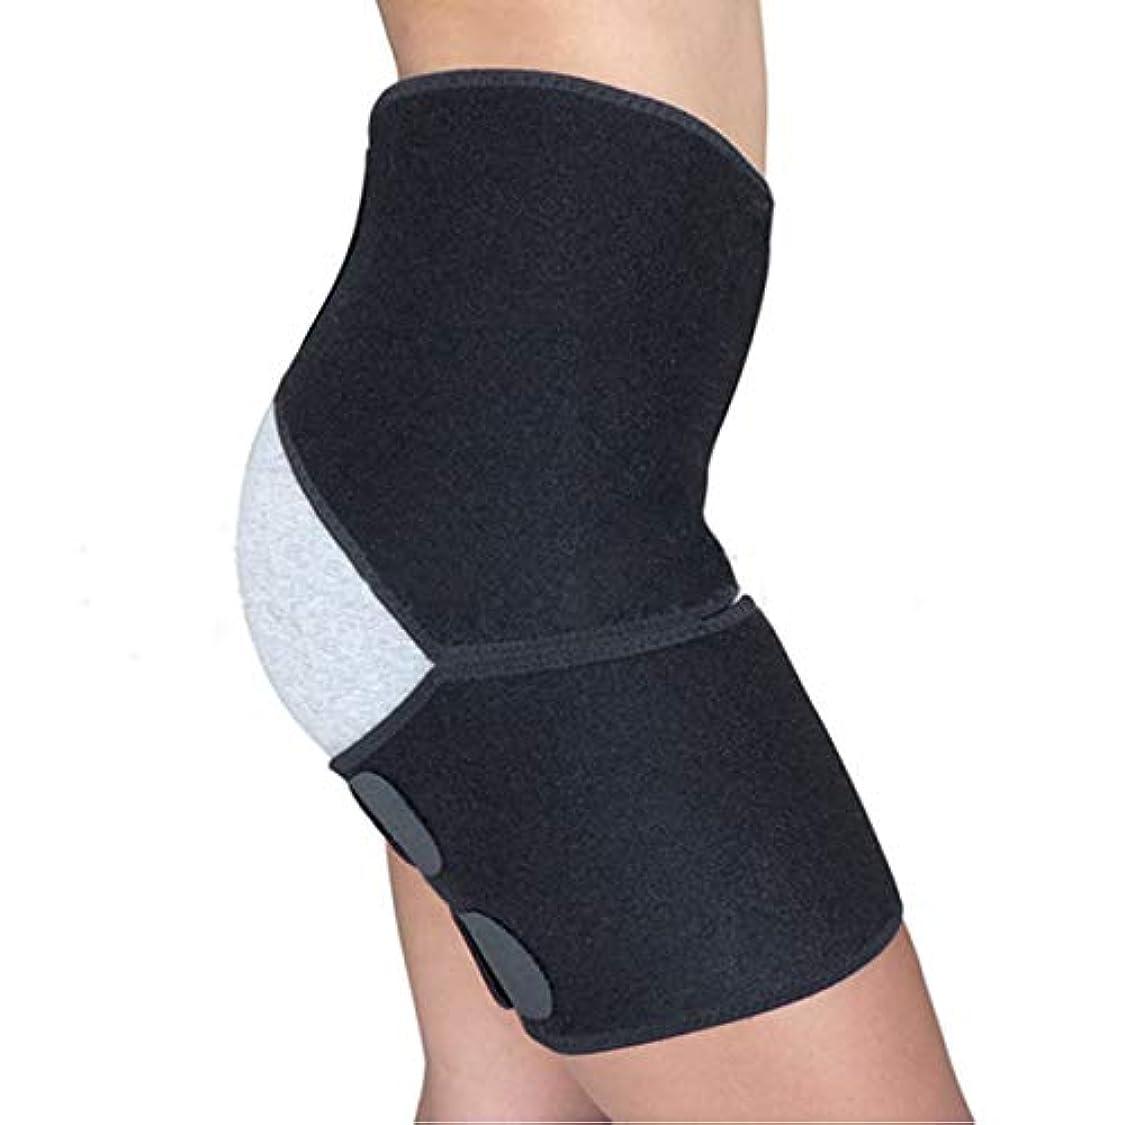 オペラインタビューシロクマTOOGOO ボディメイト圧迫包帯股関節腿のクワッドハムストリングの関節坐骨神経痛の痛みを軽減用ストラップ、メンズ/女性用ヘルニアリカバリーレッグ用調節可能なサポートブレース